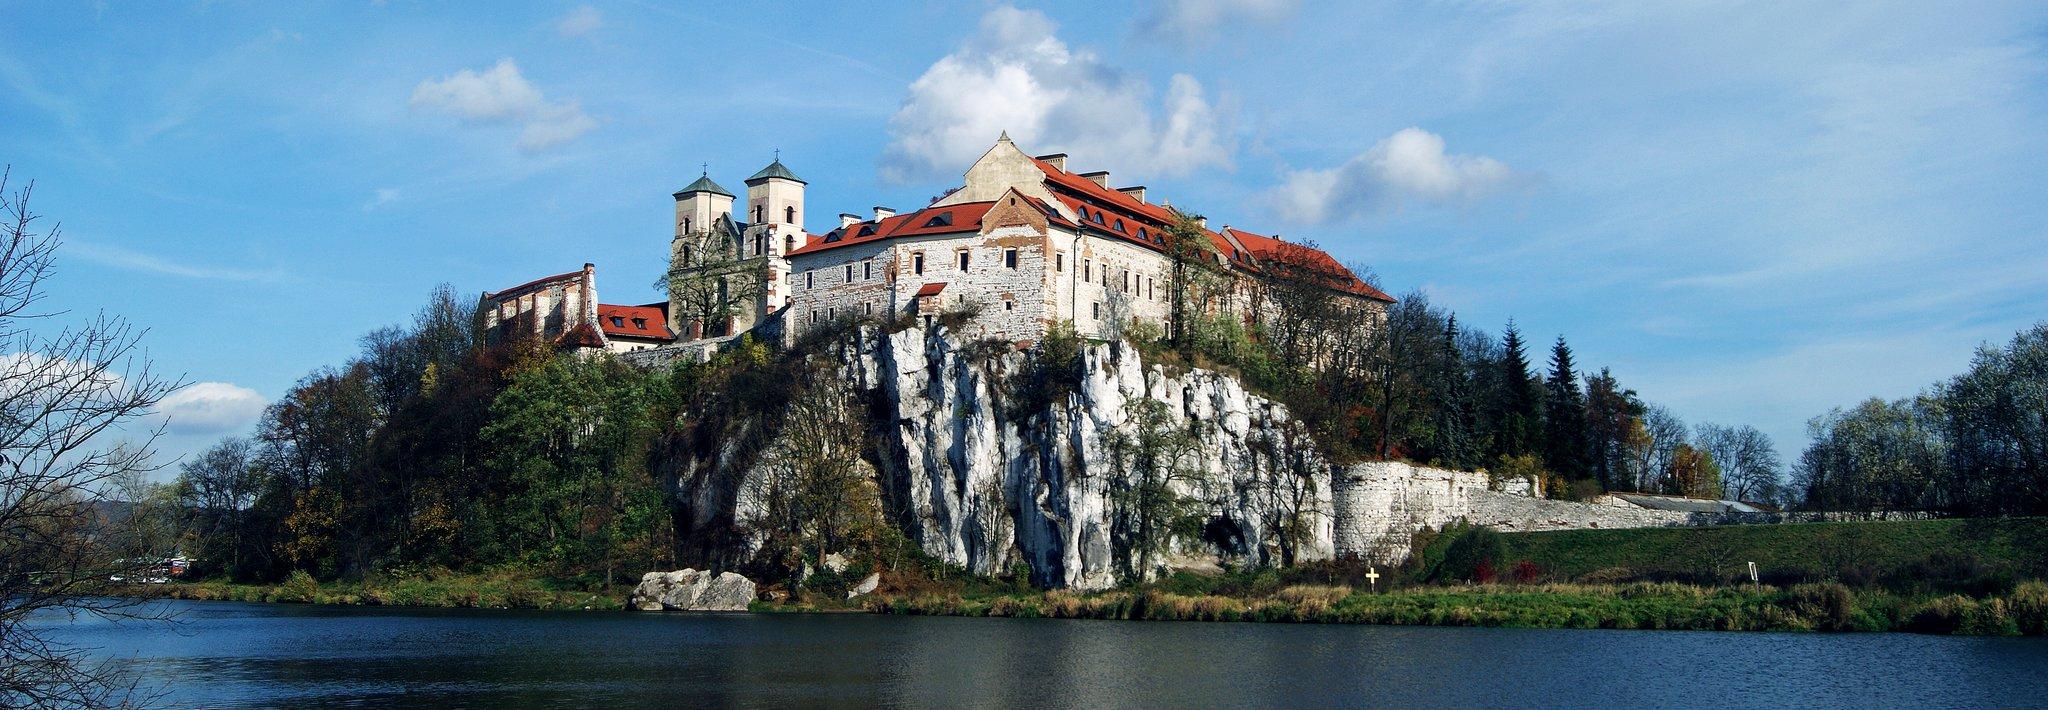 Zabudowania zbiałego kamienia pokryte czerwonym dachem na skalnej skarpie nad rzeką. Budynki otoczone są murami obronnymi, jednym zbudynków jest kościół odwóch wieżach.